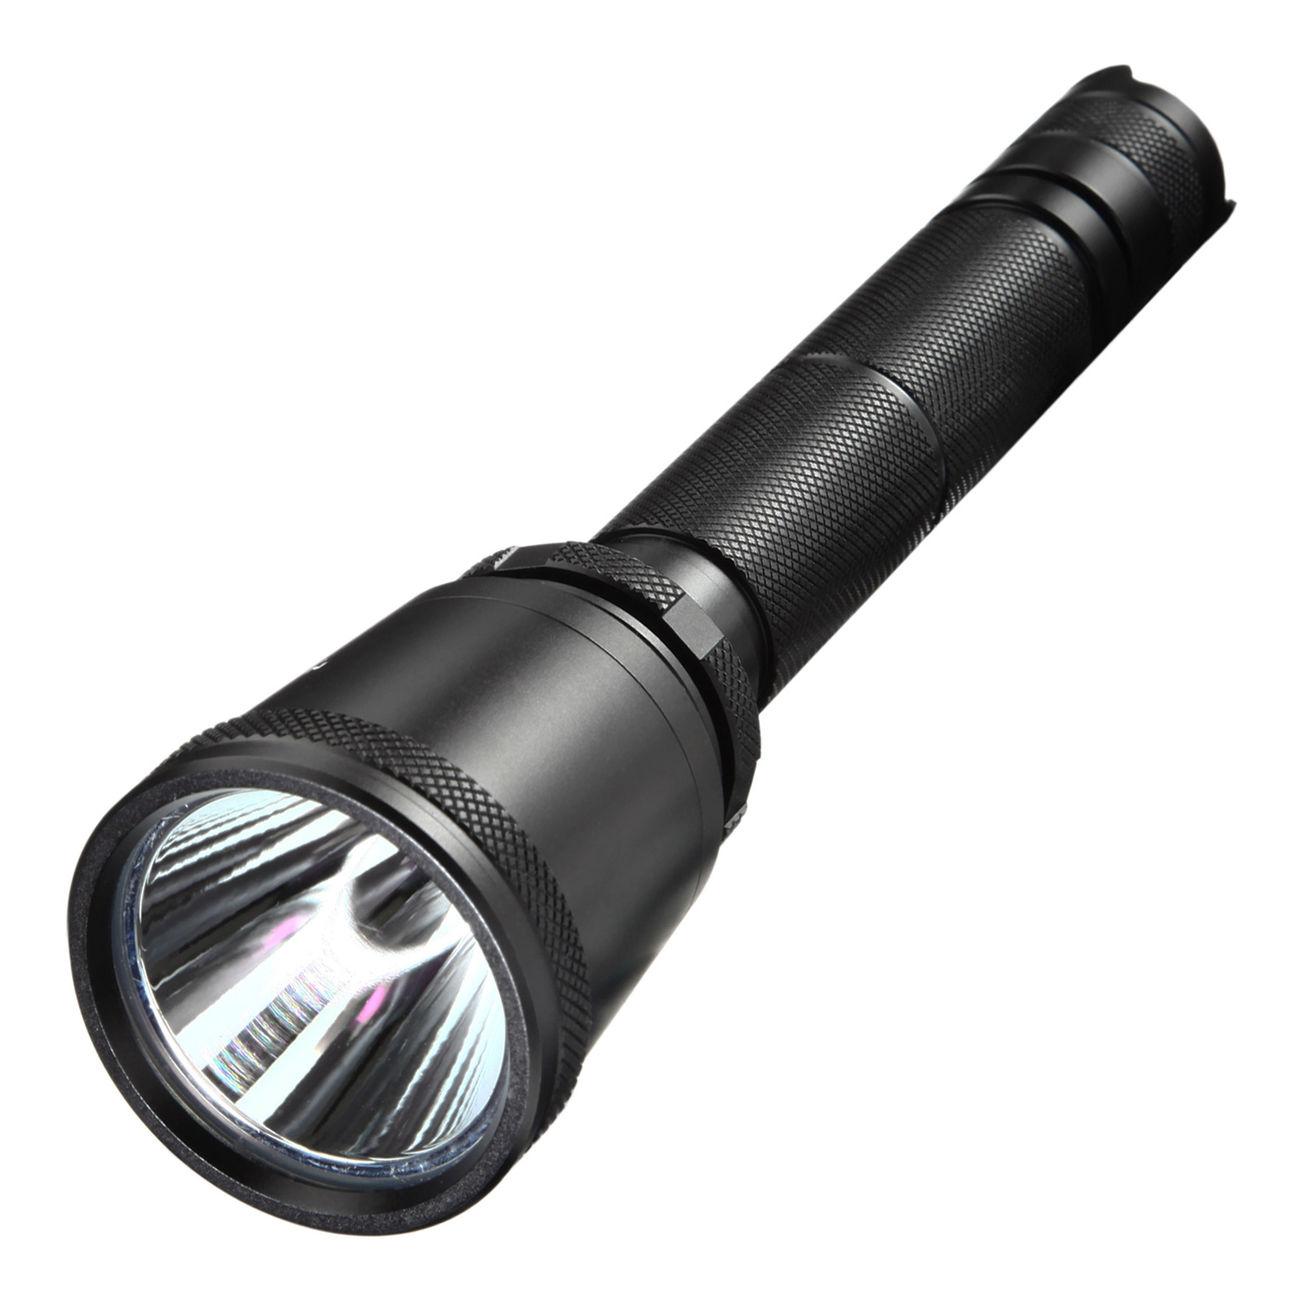 nitecore mt40 led lampe 860 lumen schwarz kotte zeller. Black Bedroom Furniture Sets. Home Design Ideas